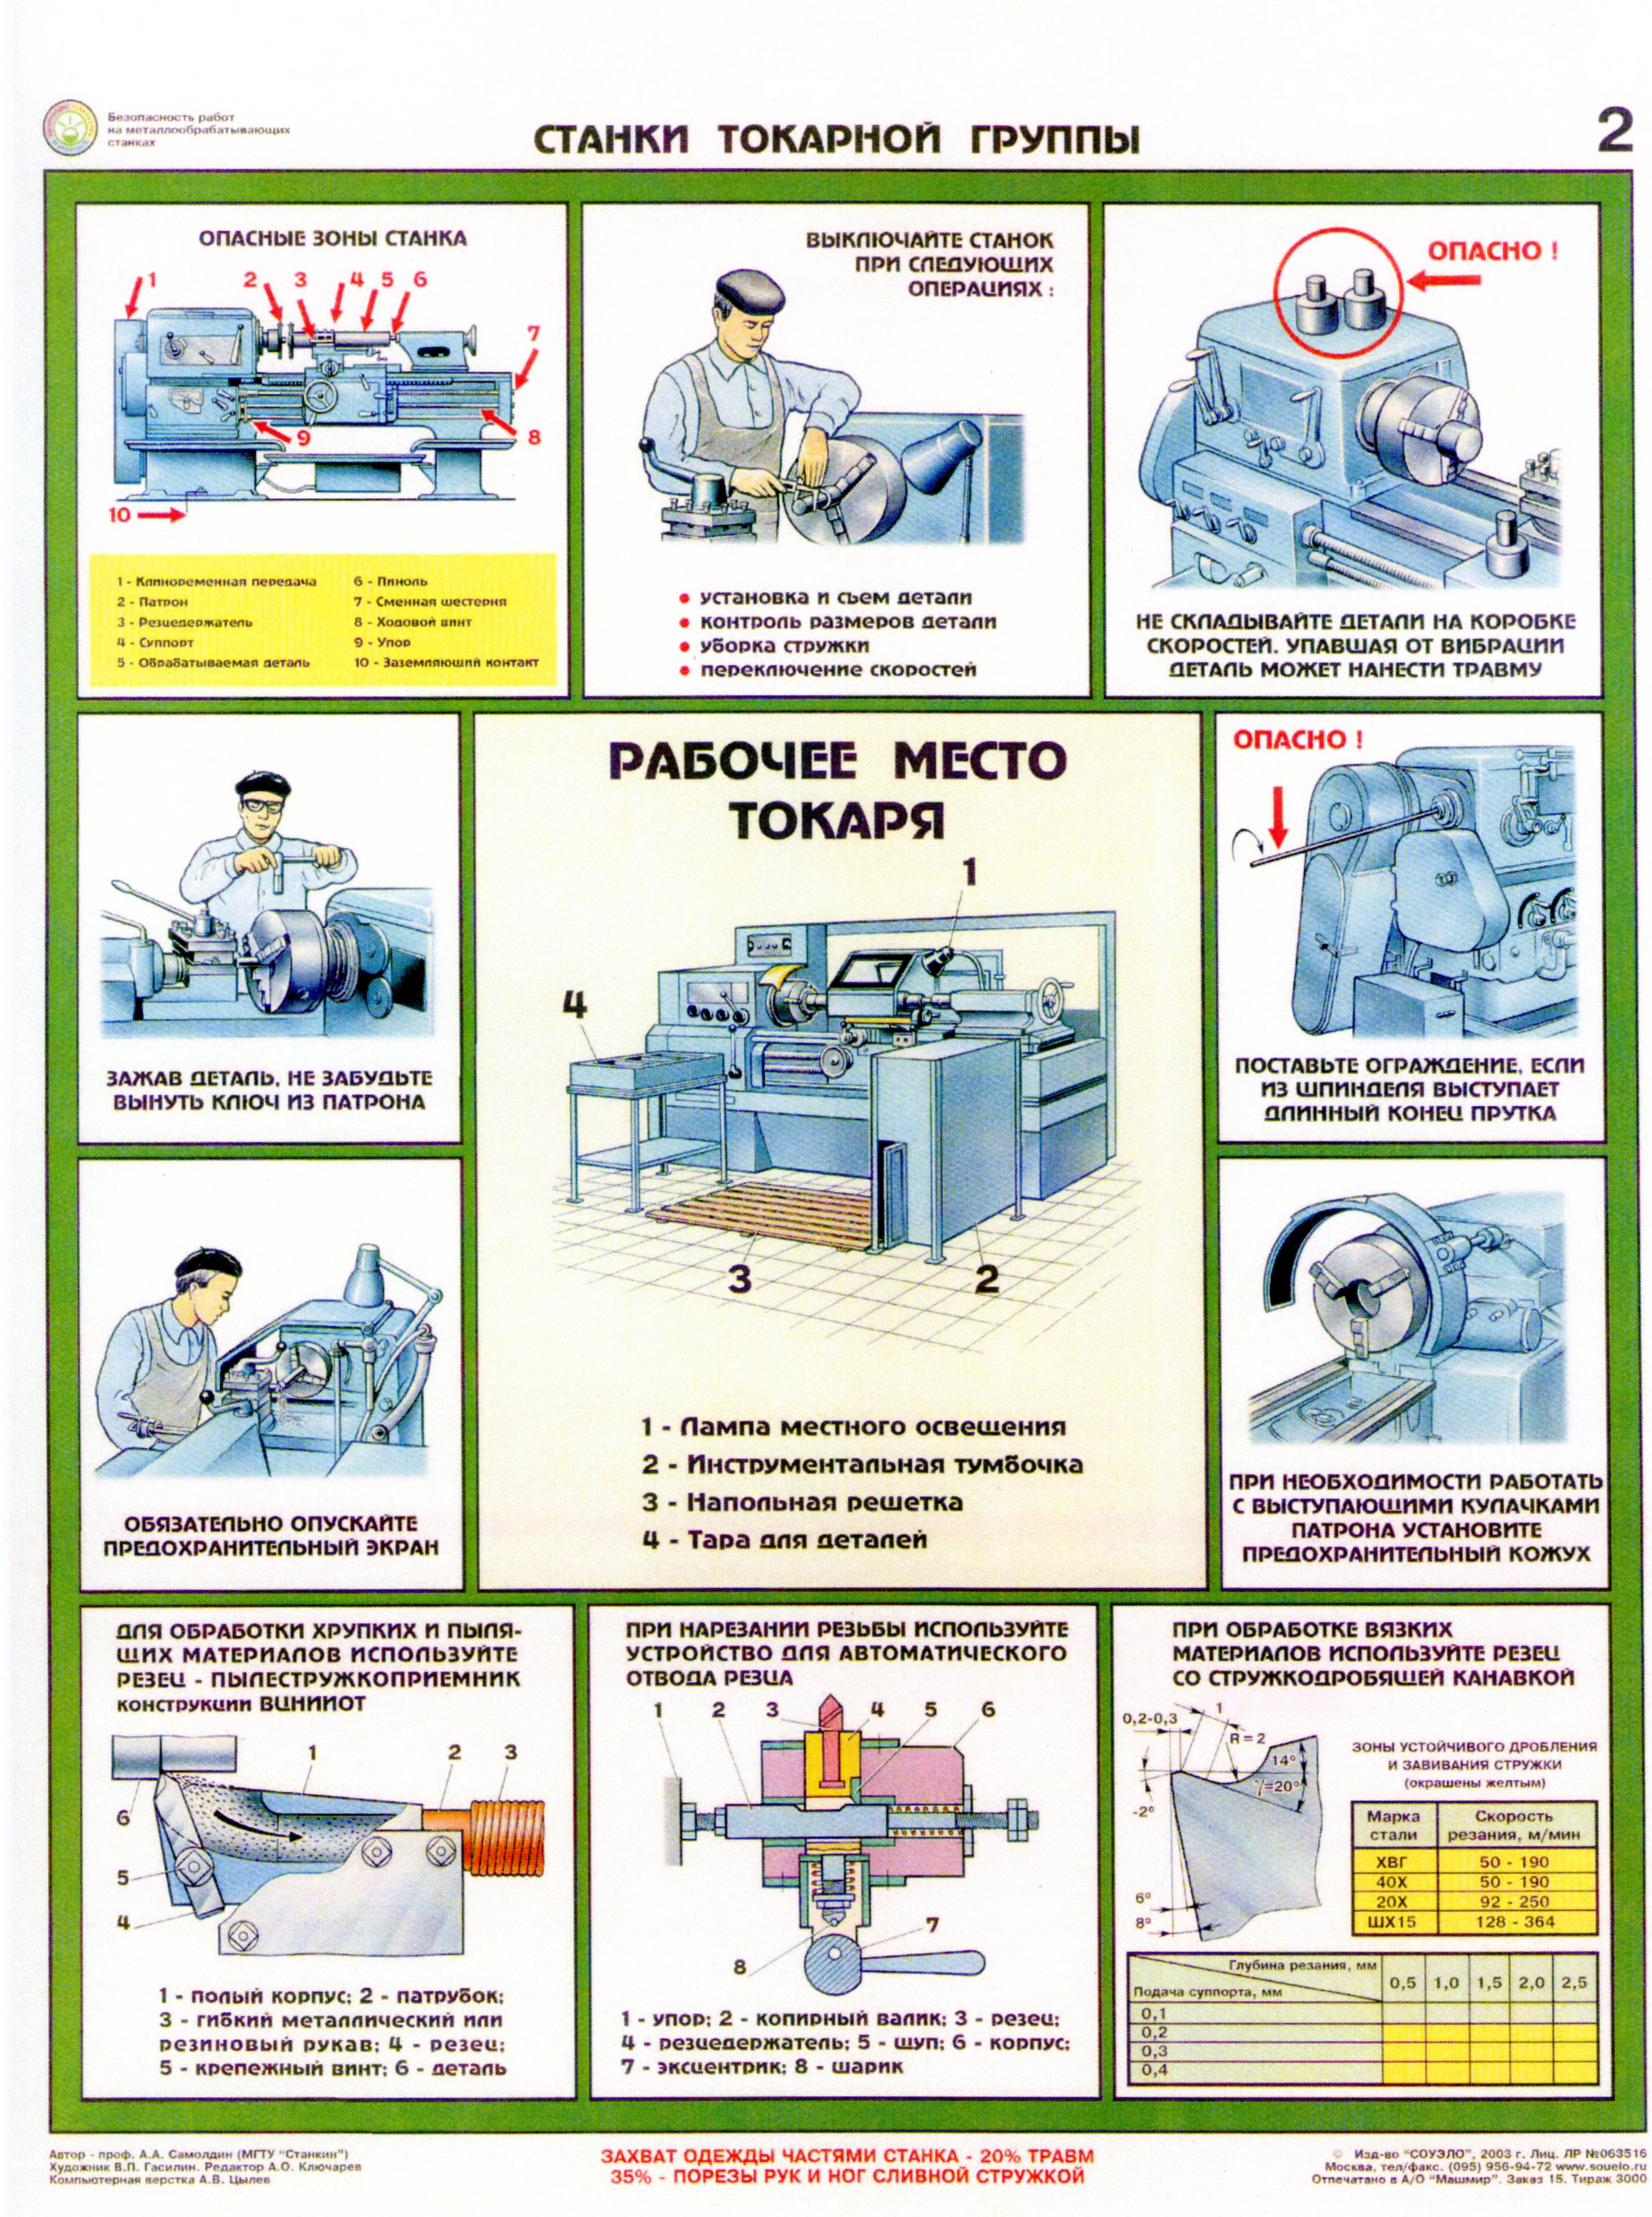 инструкция по тб для токаря